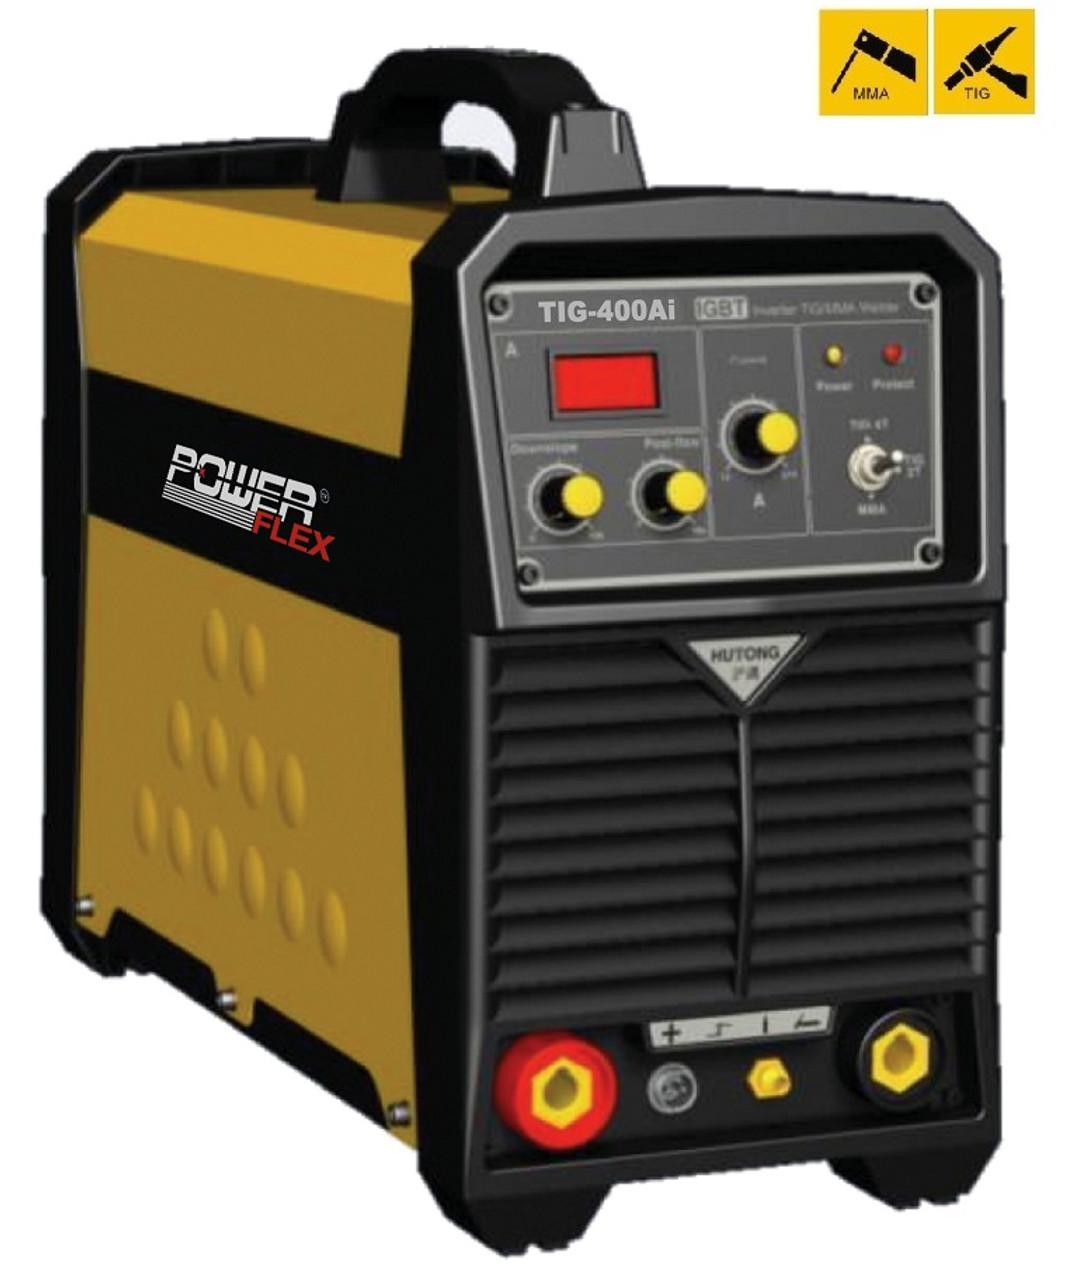 Buy Power Flex Argon Arc Welder Tig Welding Machine Tig 400ai Online At Gz Industrial Supplies Nigeria